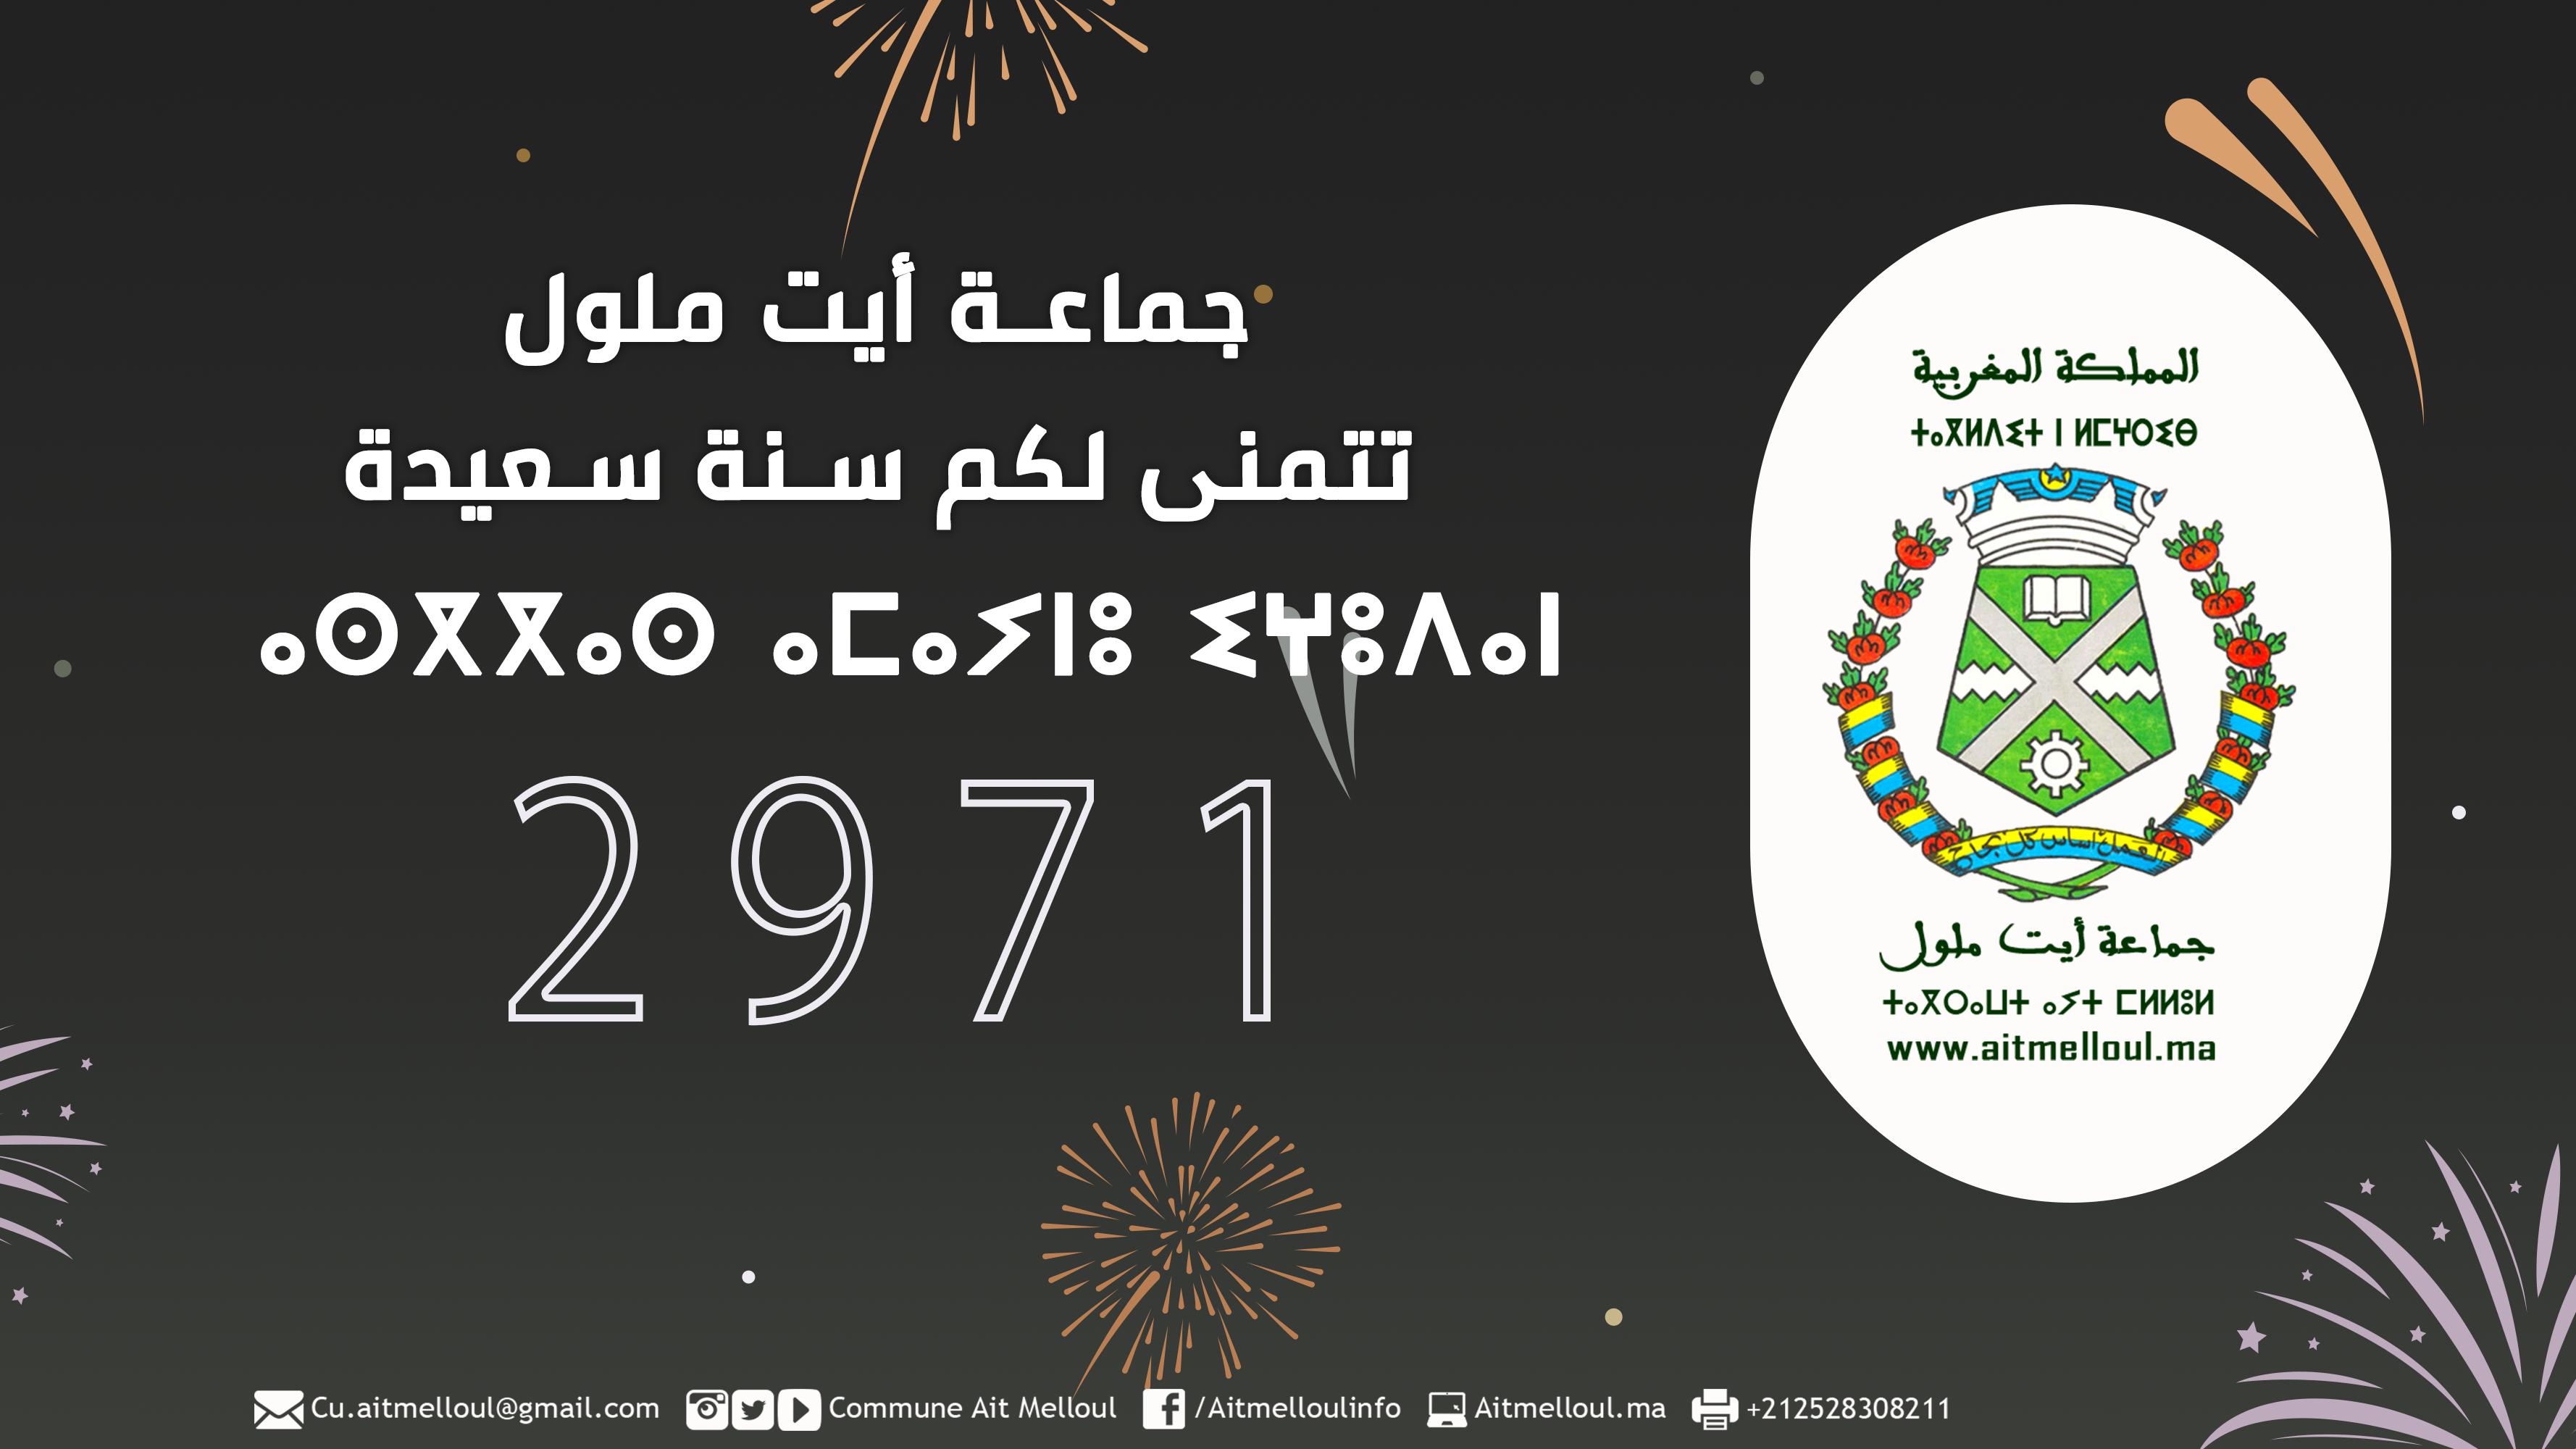 جماعة أيت ملول - تهنئة السنة الأمازيغية الجديدة